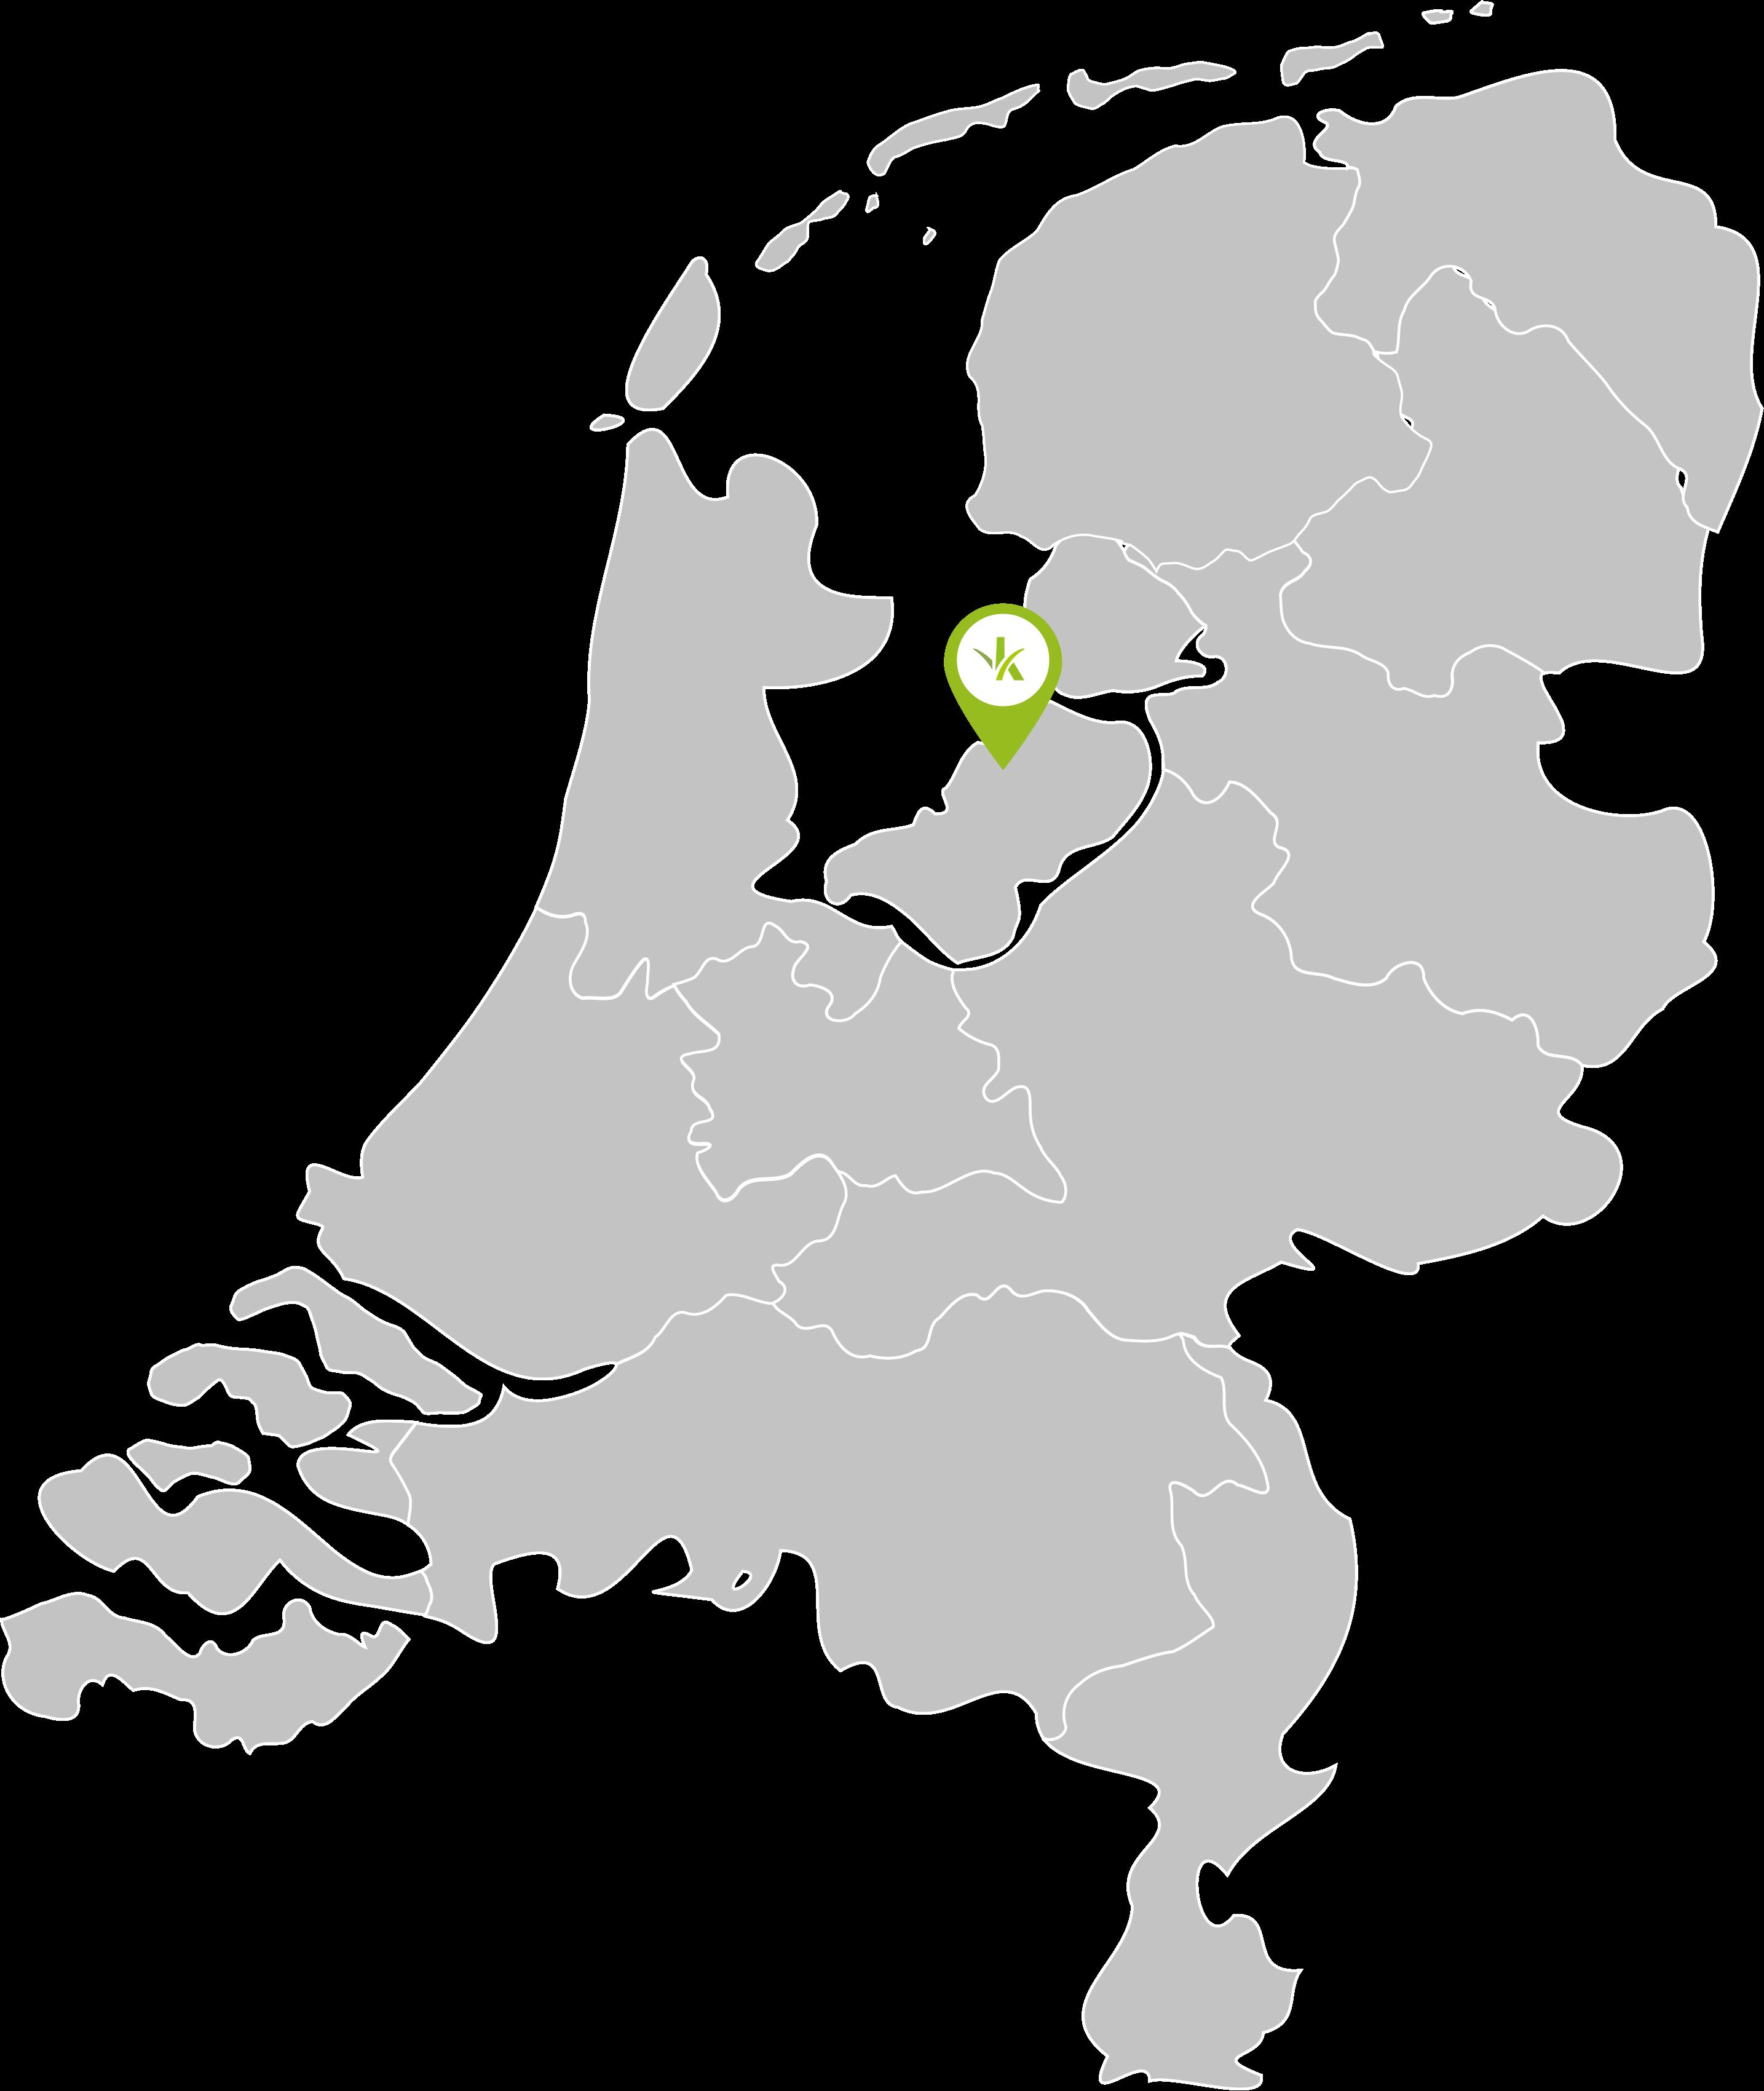 kunstgras map nederland